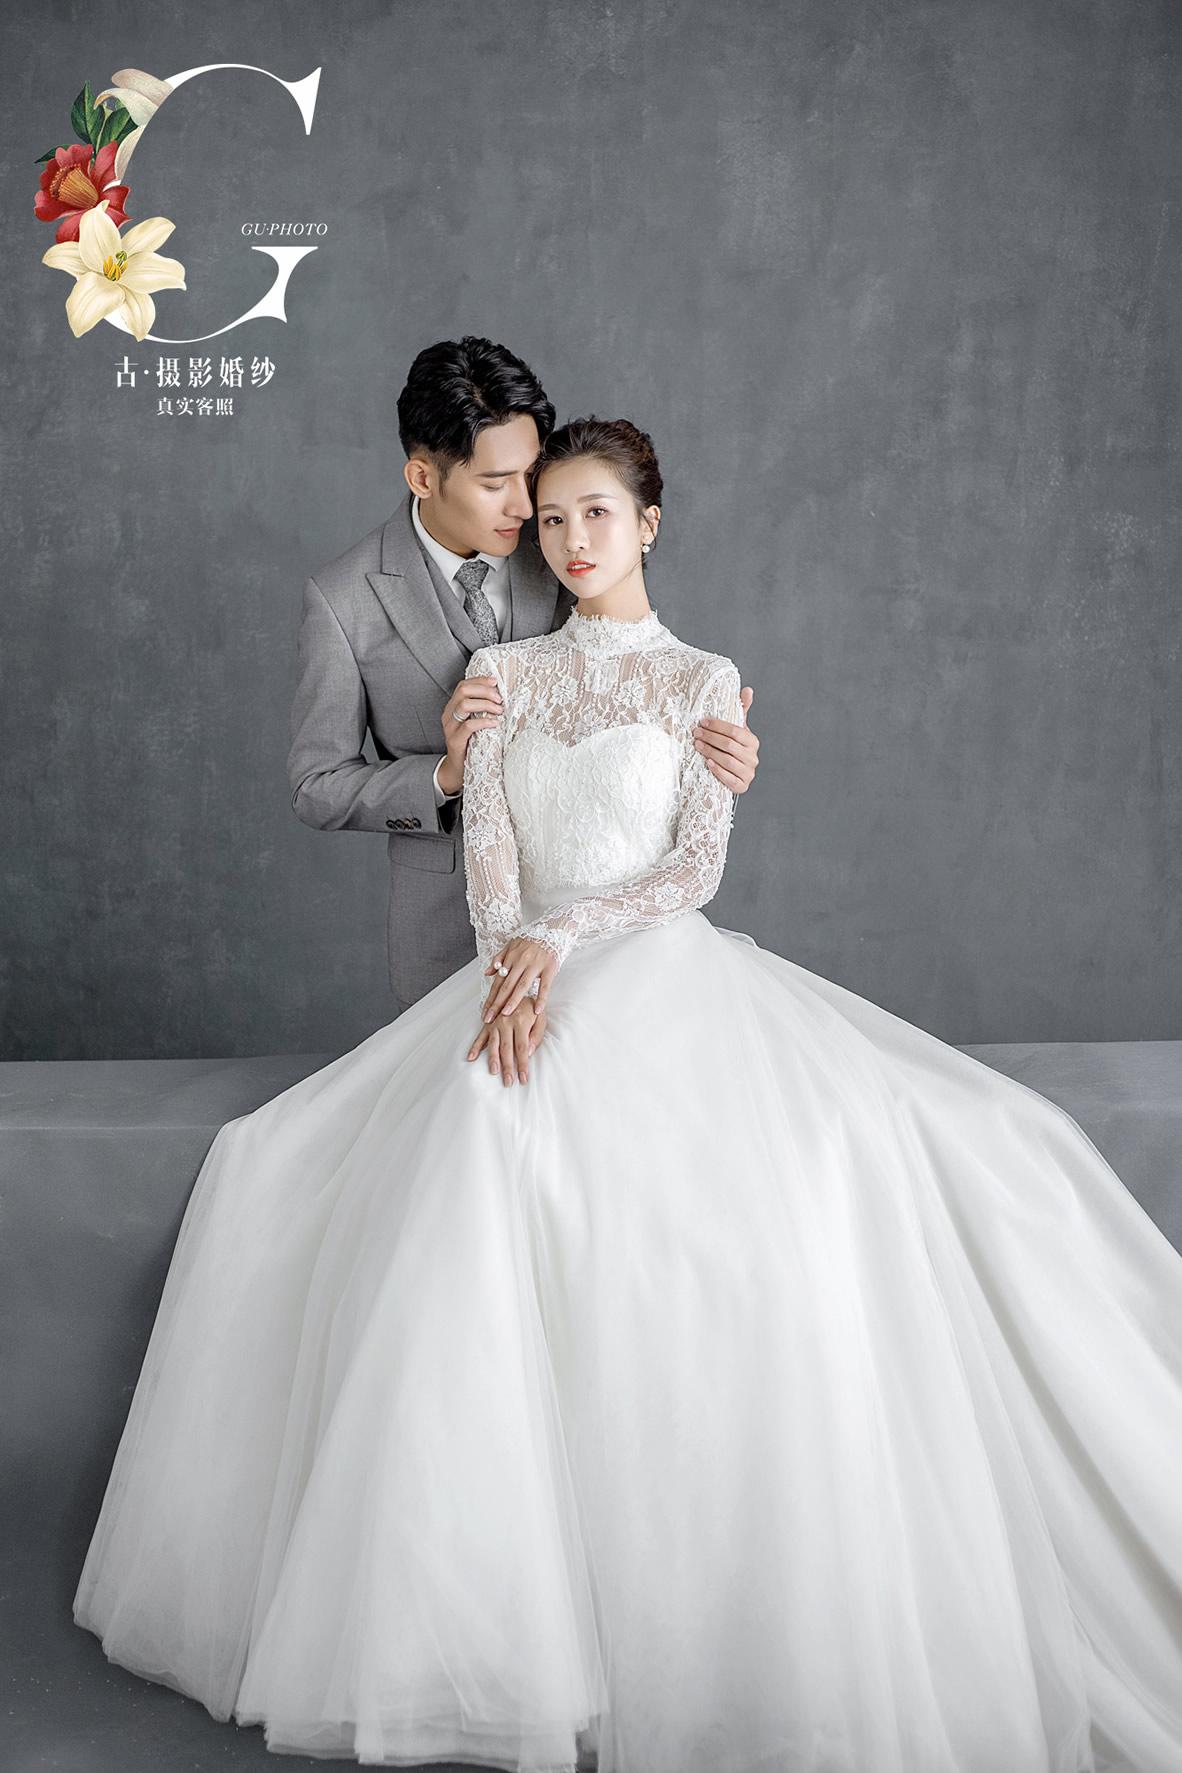 朱先生 段小姐 - 每日客照 - 广州婚纱摄影-广州古摄影官网